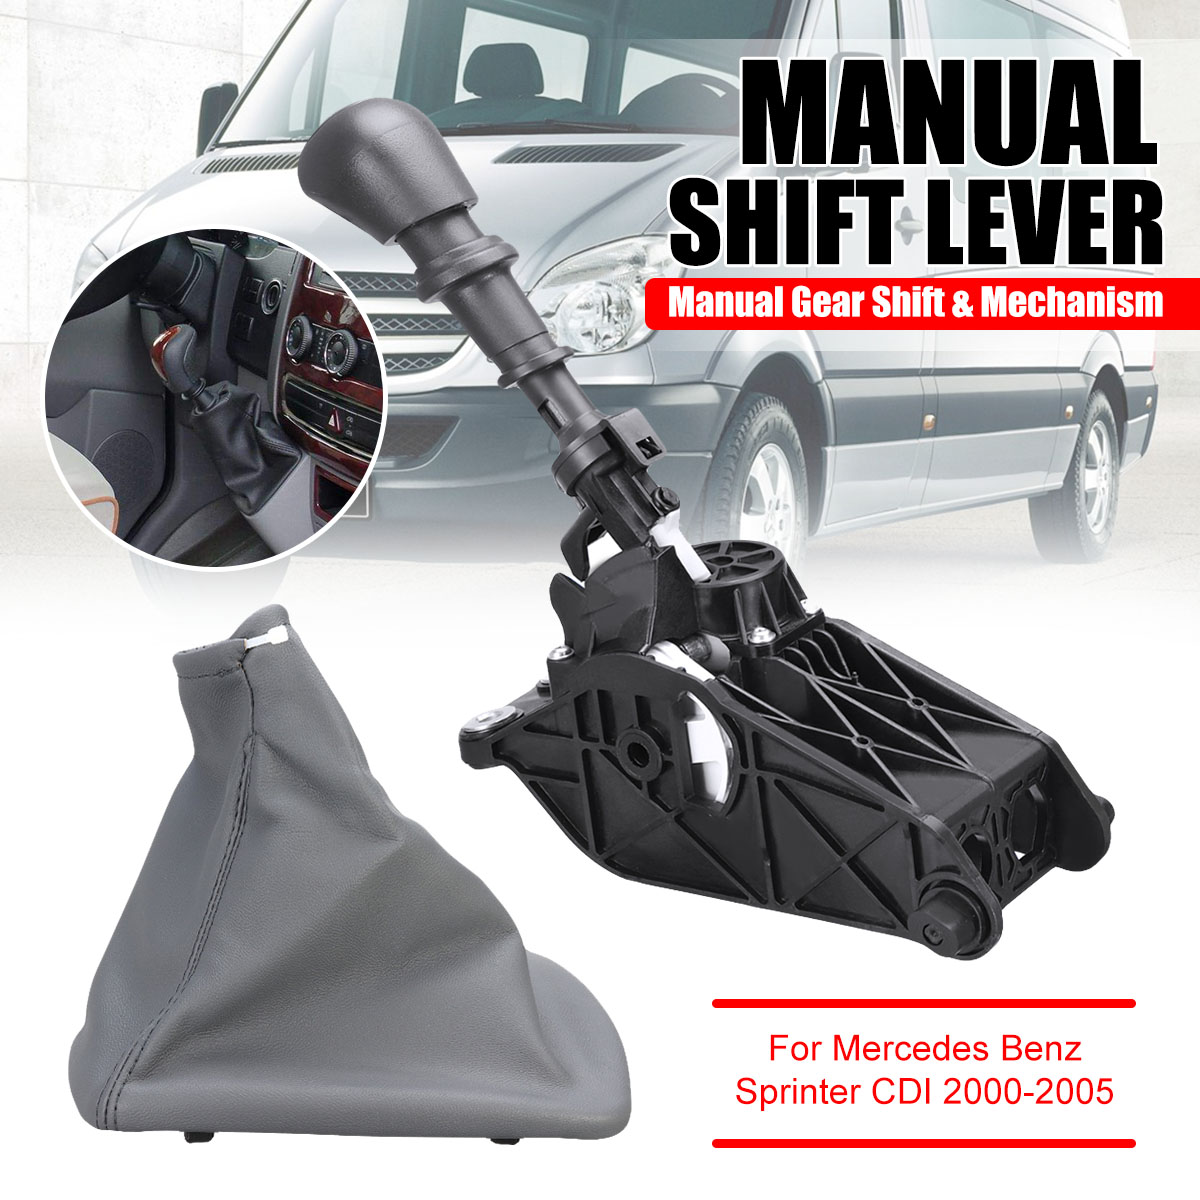 5 velocidade Da Engrenagem Do Carro Maçaneta de troca de Boot Tampa Do Mecanismo de Botão da caixa de Velocidades Manual Alavanca de Câmbio Para Mercedes Benz Sprinter CDI 2000-2005